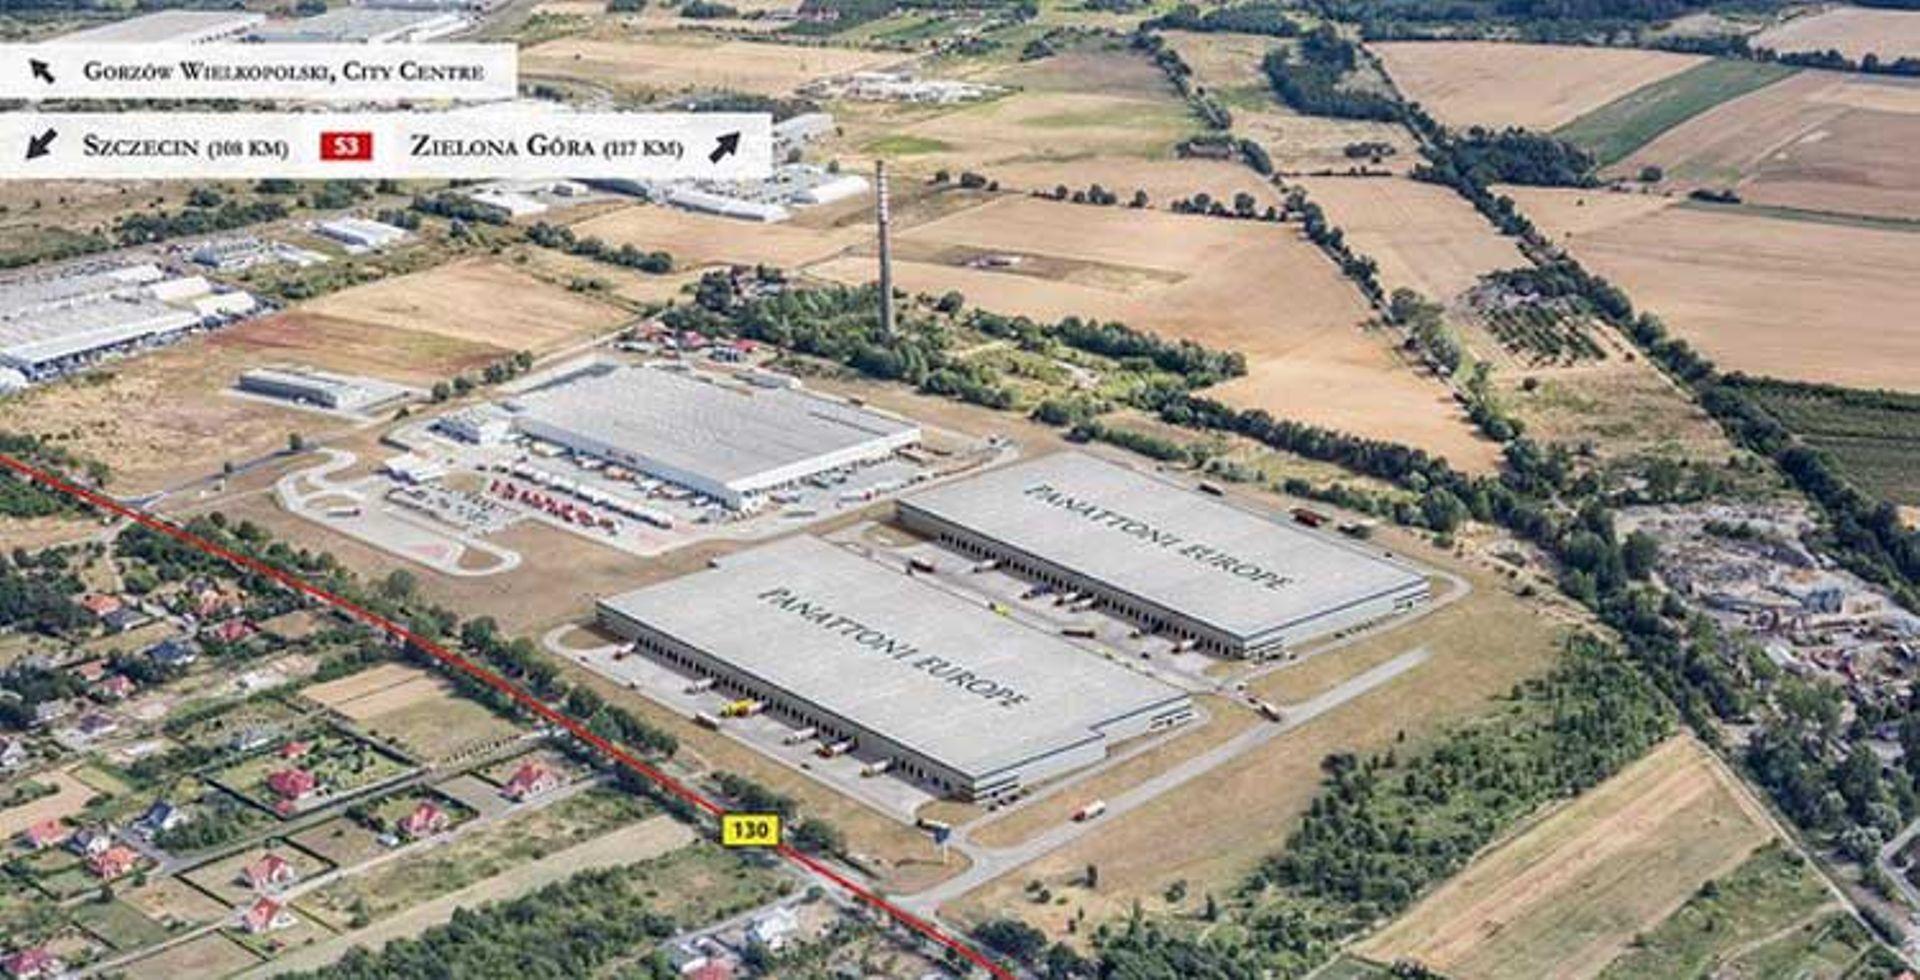 [Gorzów Wielkopolski] Panattoni wybuduje park logistyczny w Gorzowie Wielkopolskim